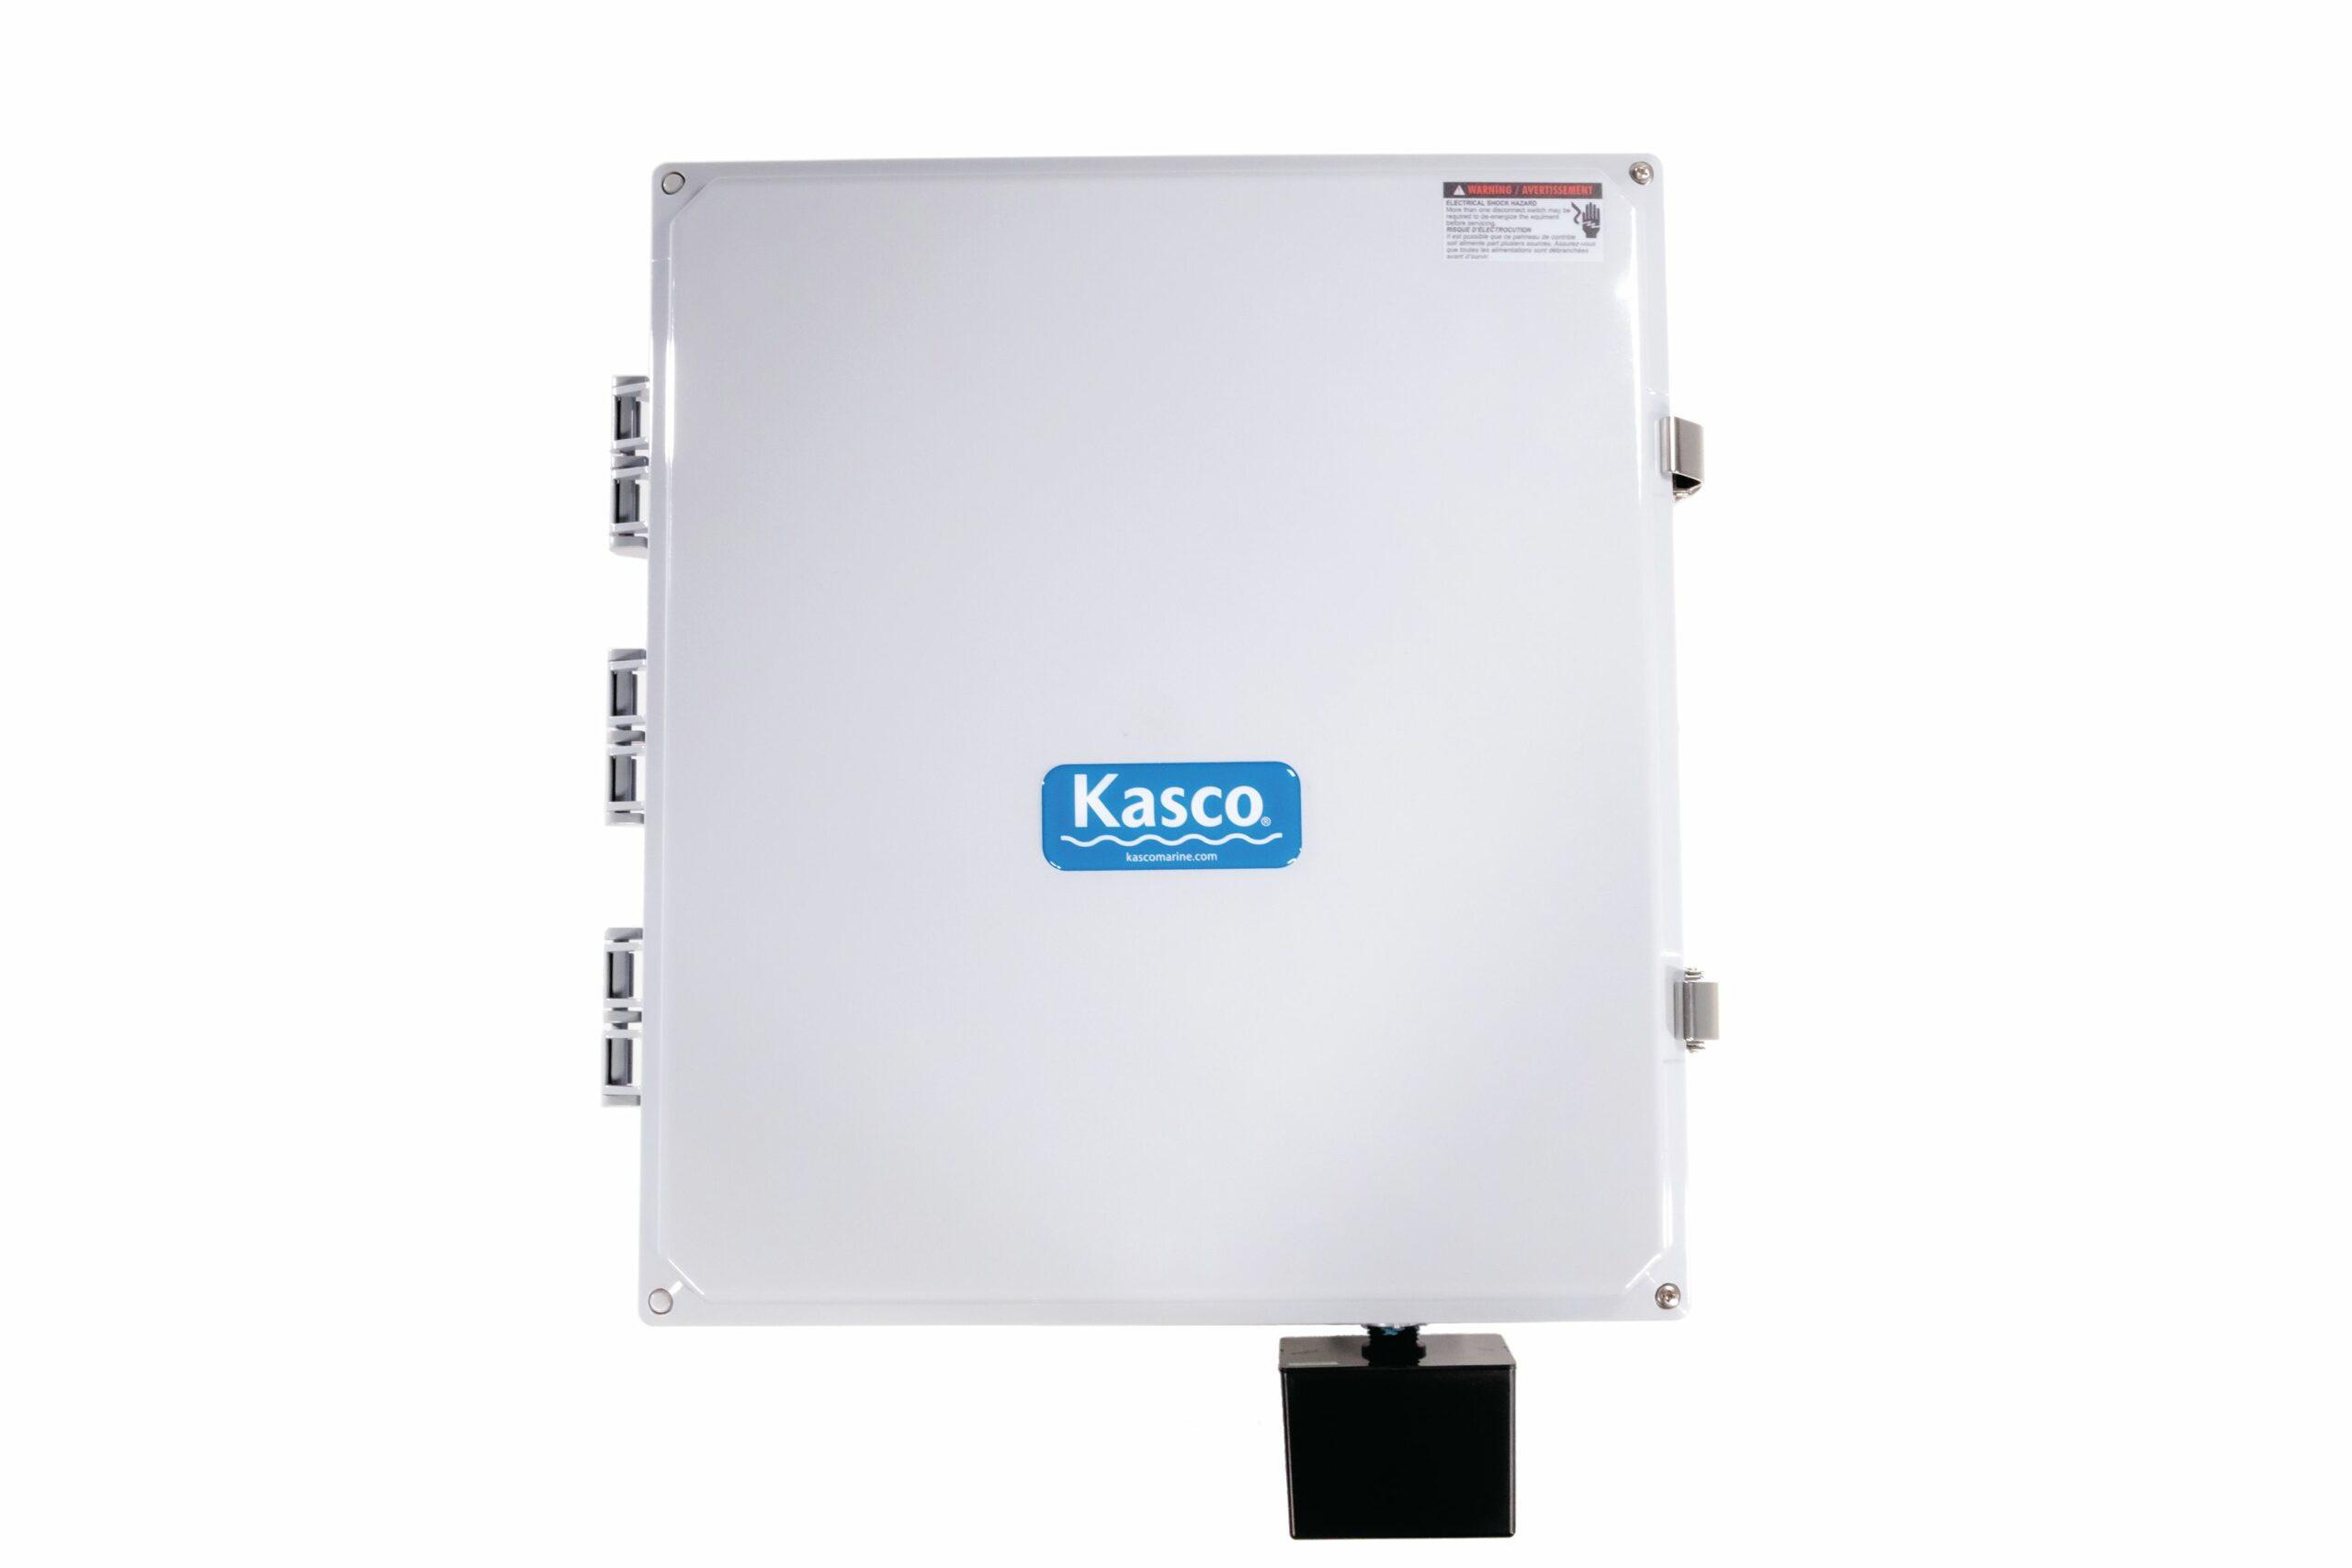 CA-3235 30A/240V Control Panel for 2, 3 & 5 HP Kasco Circulators & Surface Aerators